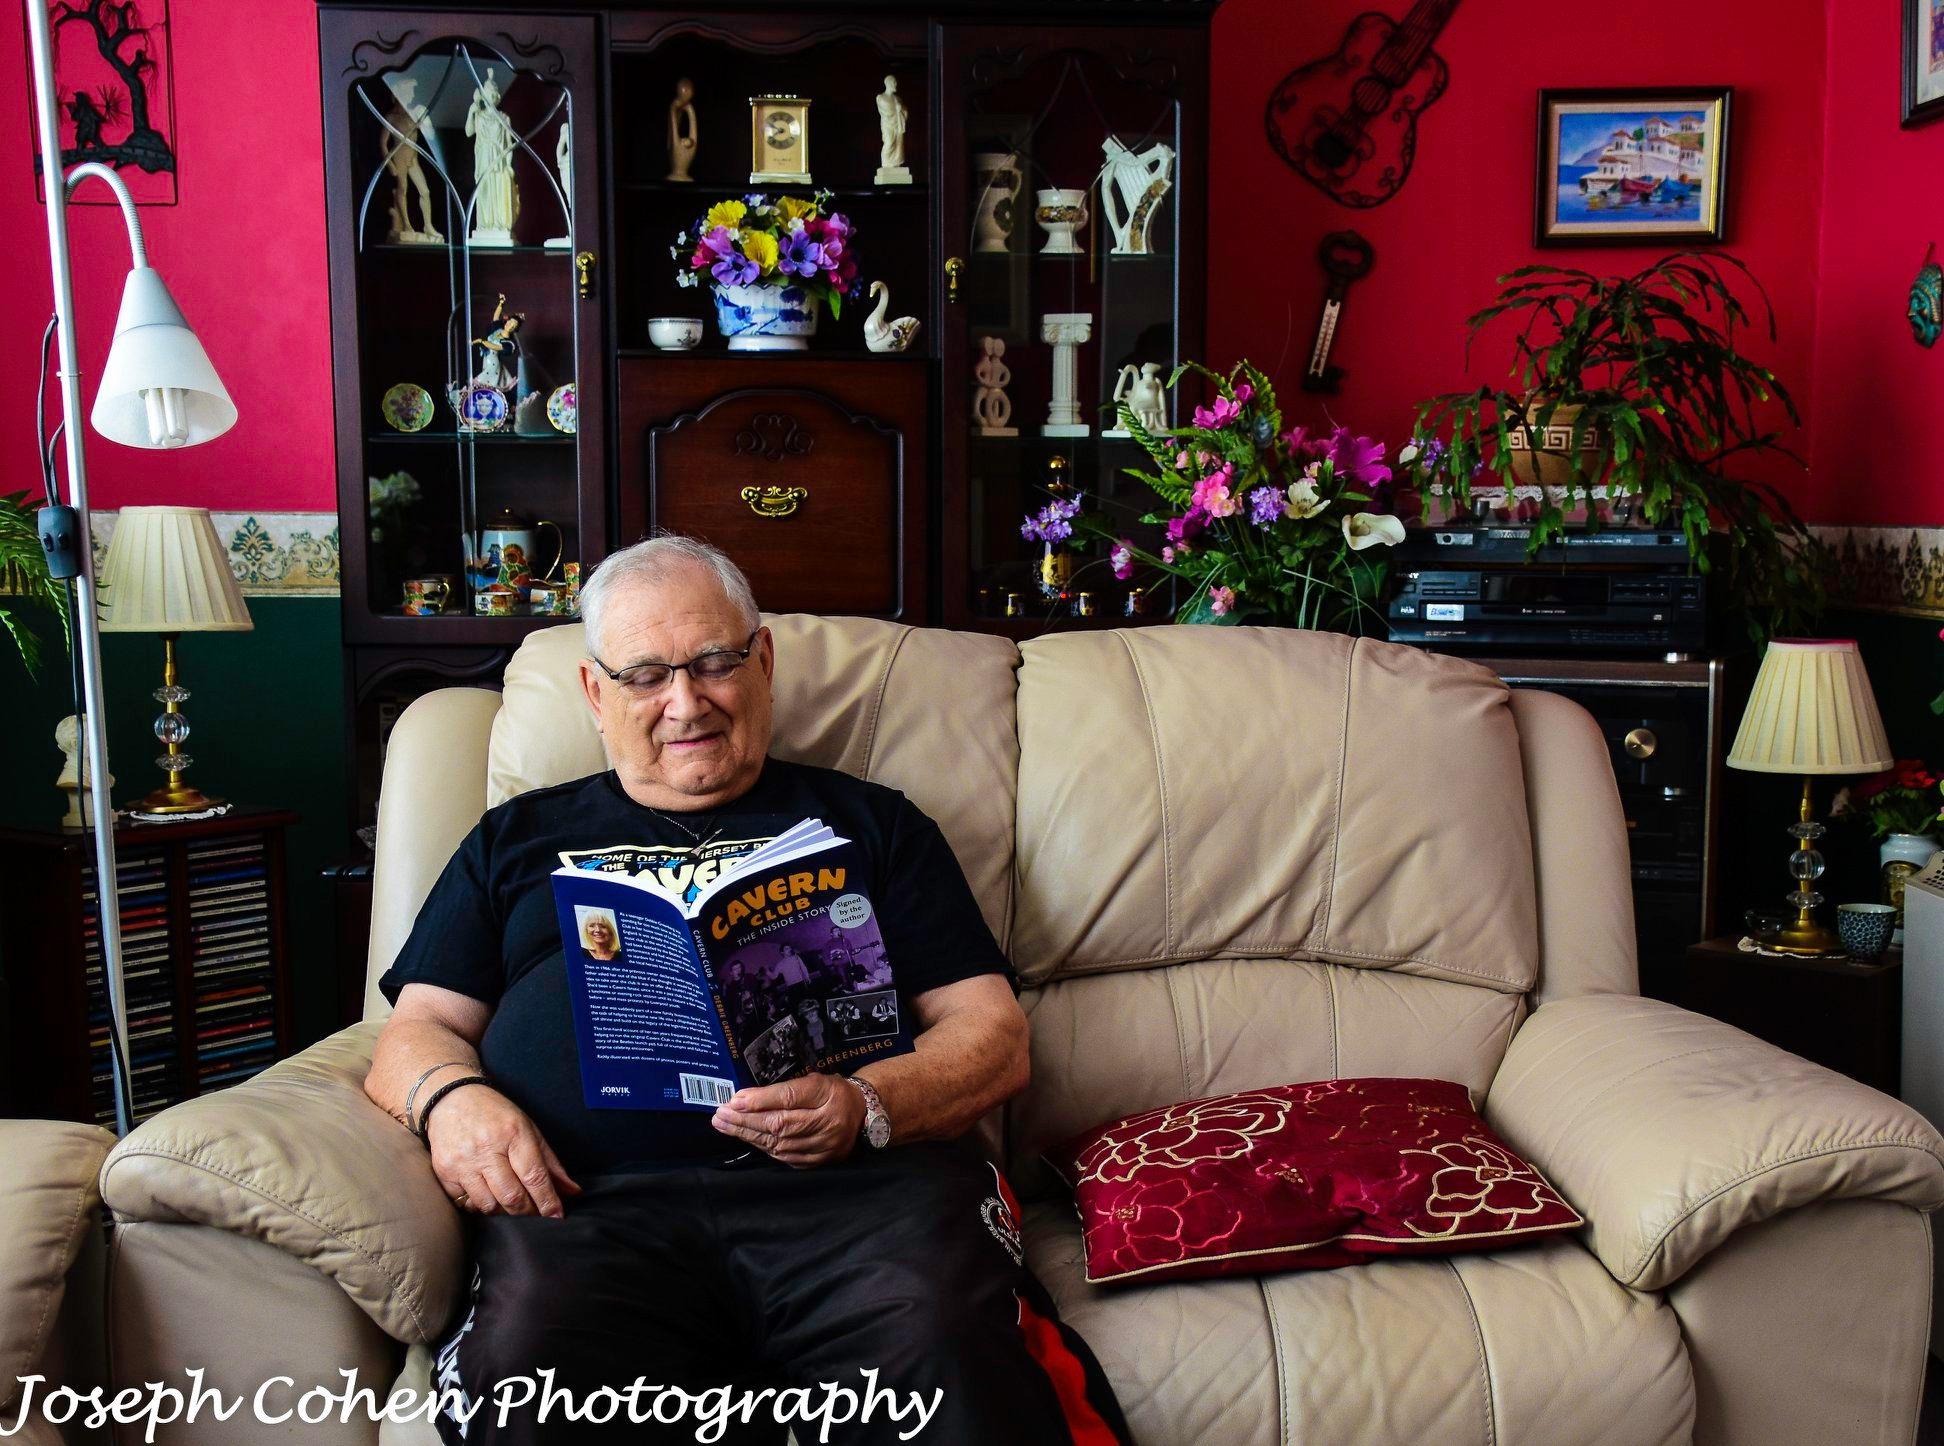 Joseph Cohen reviews Debbie's book